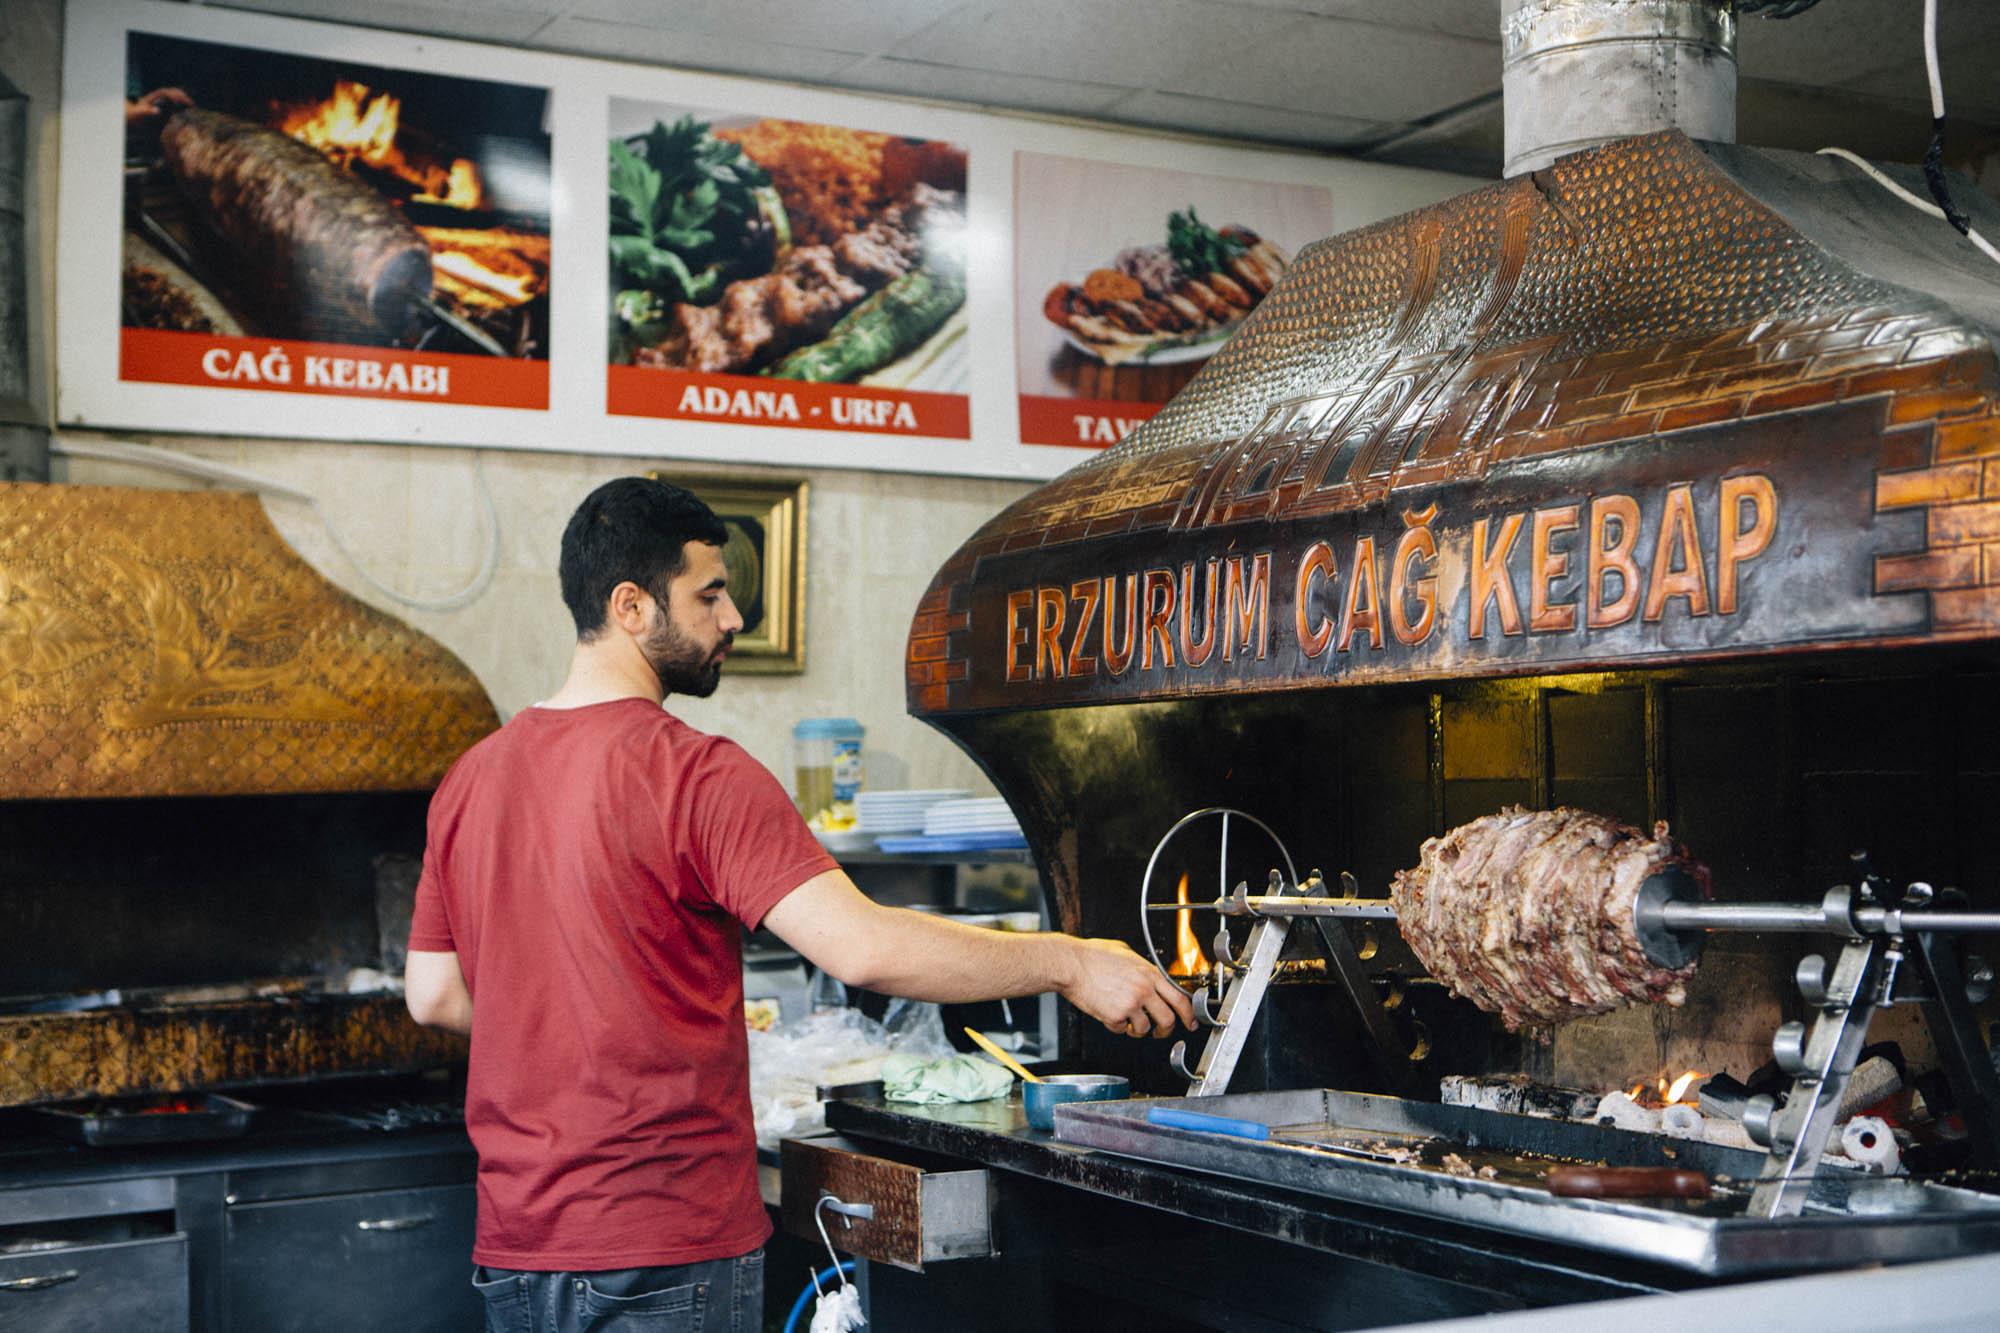 Restaurant Erzurum Cag Kebap Istanbul